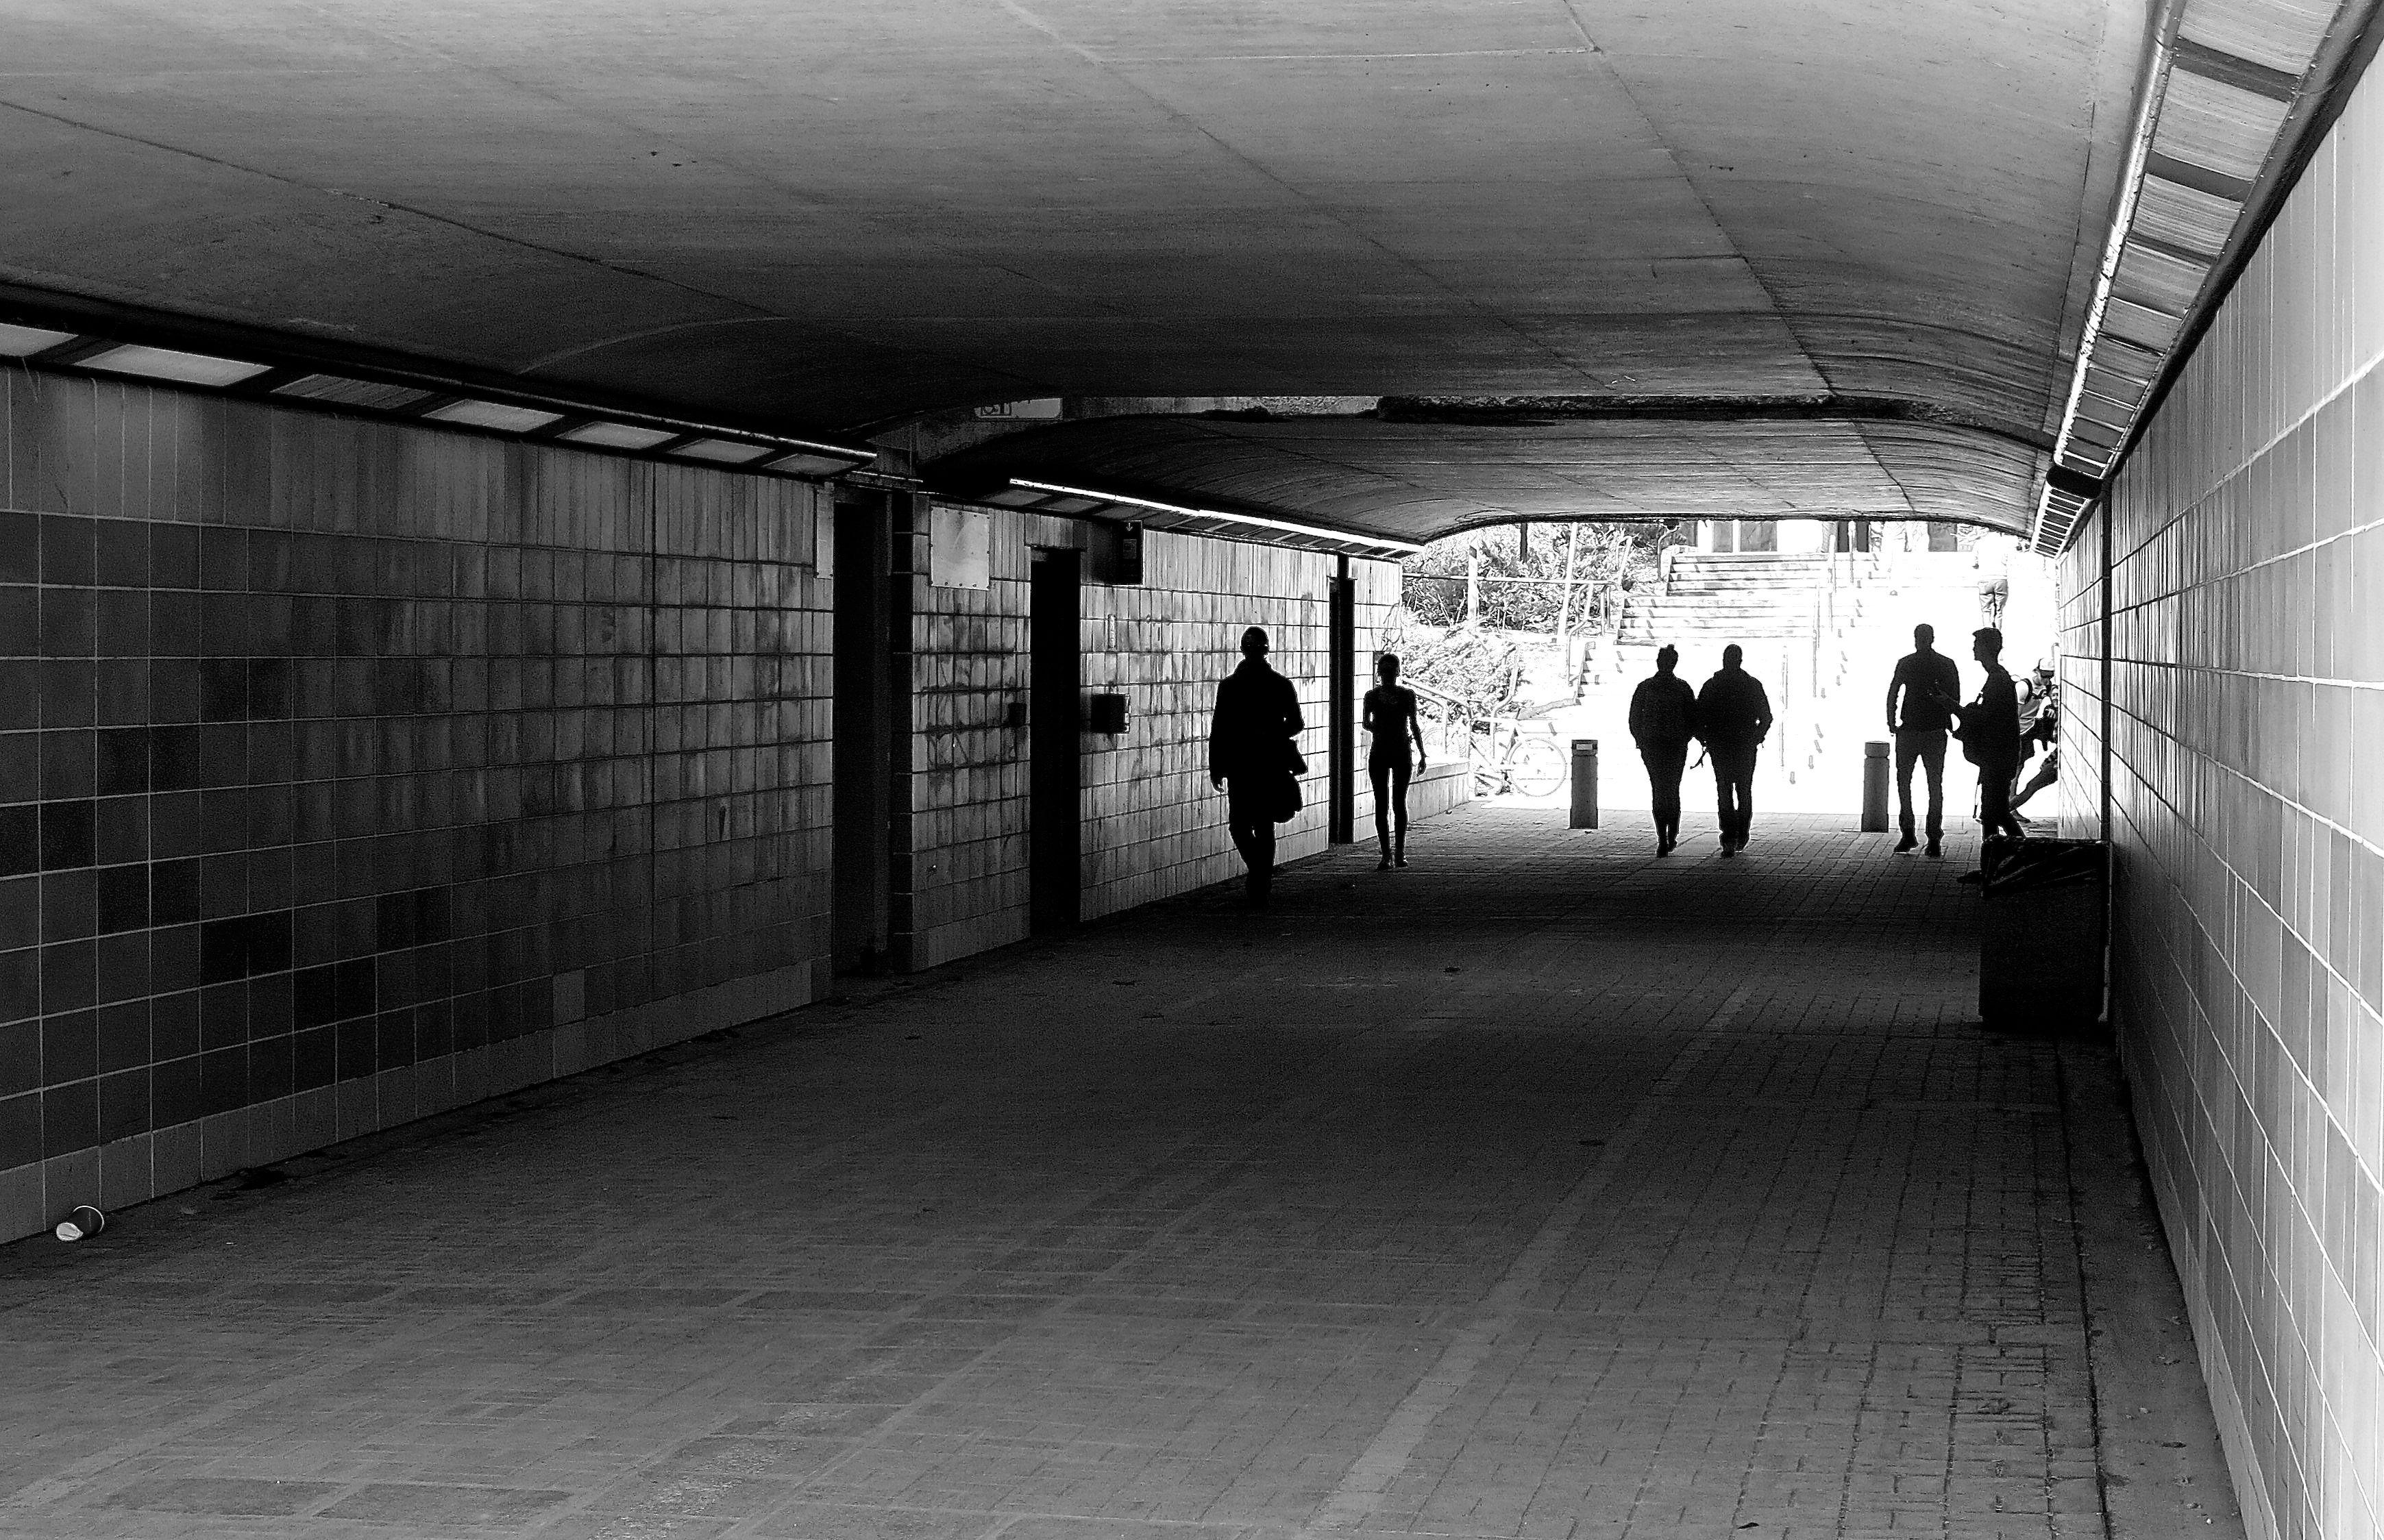 Underpass at Ottawa University